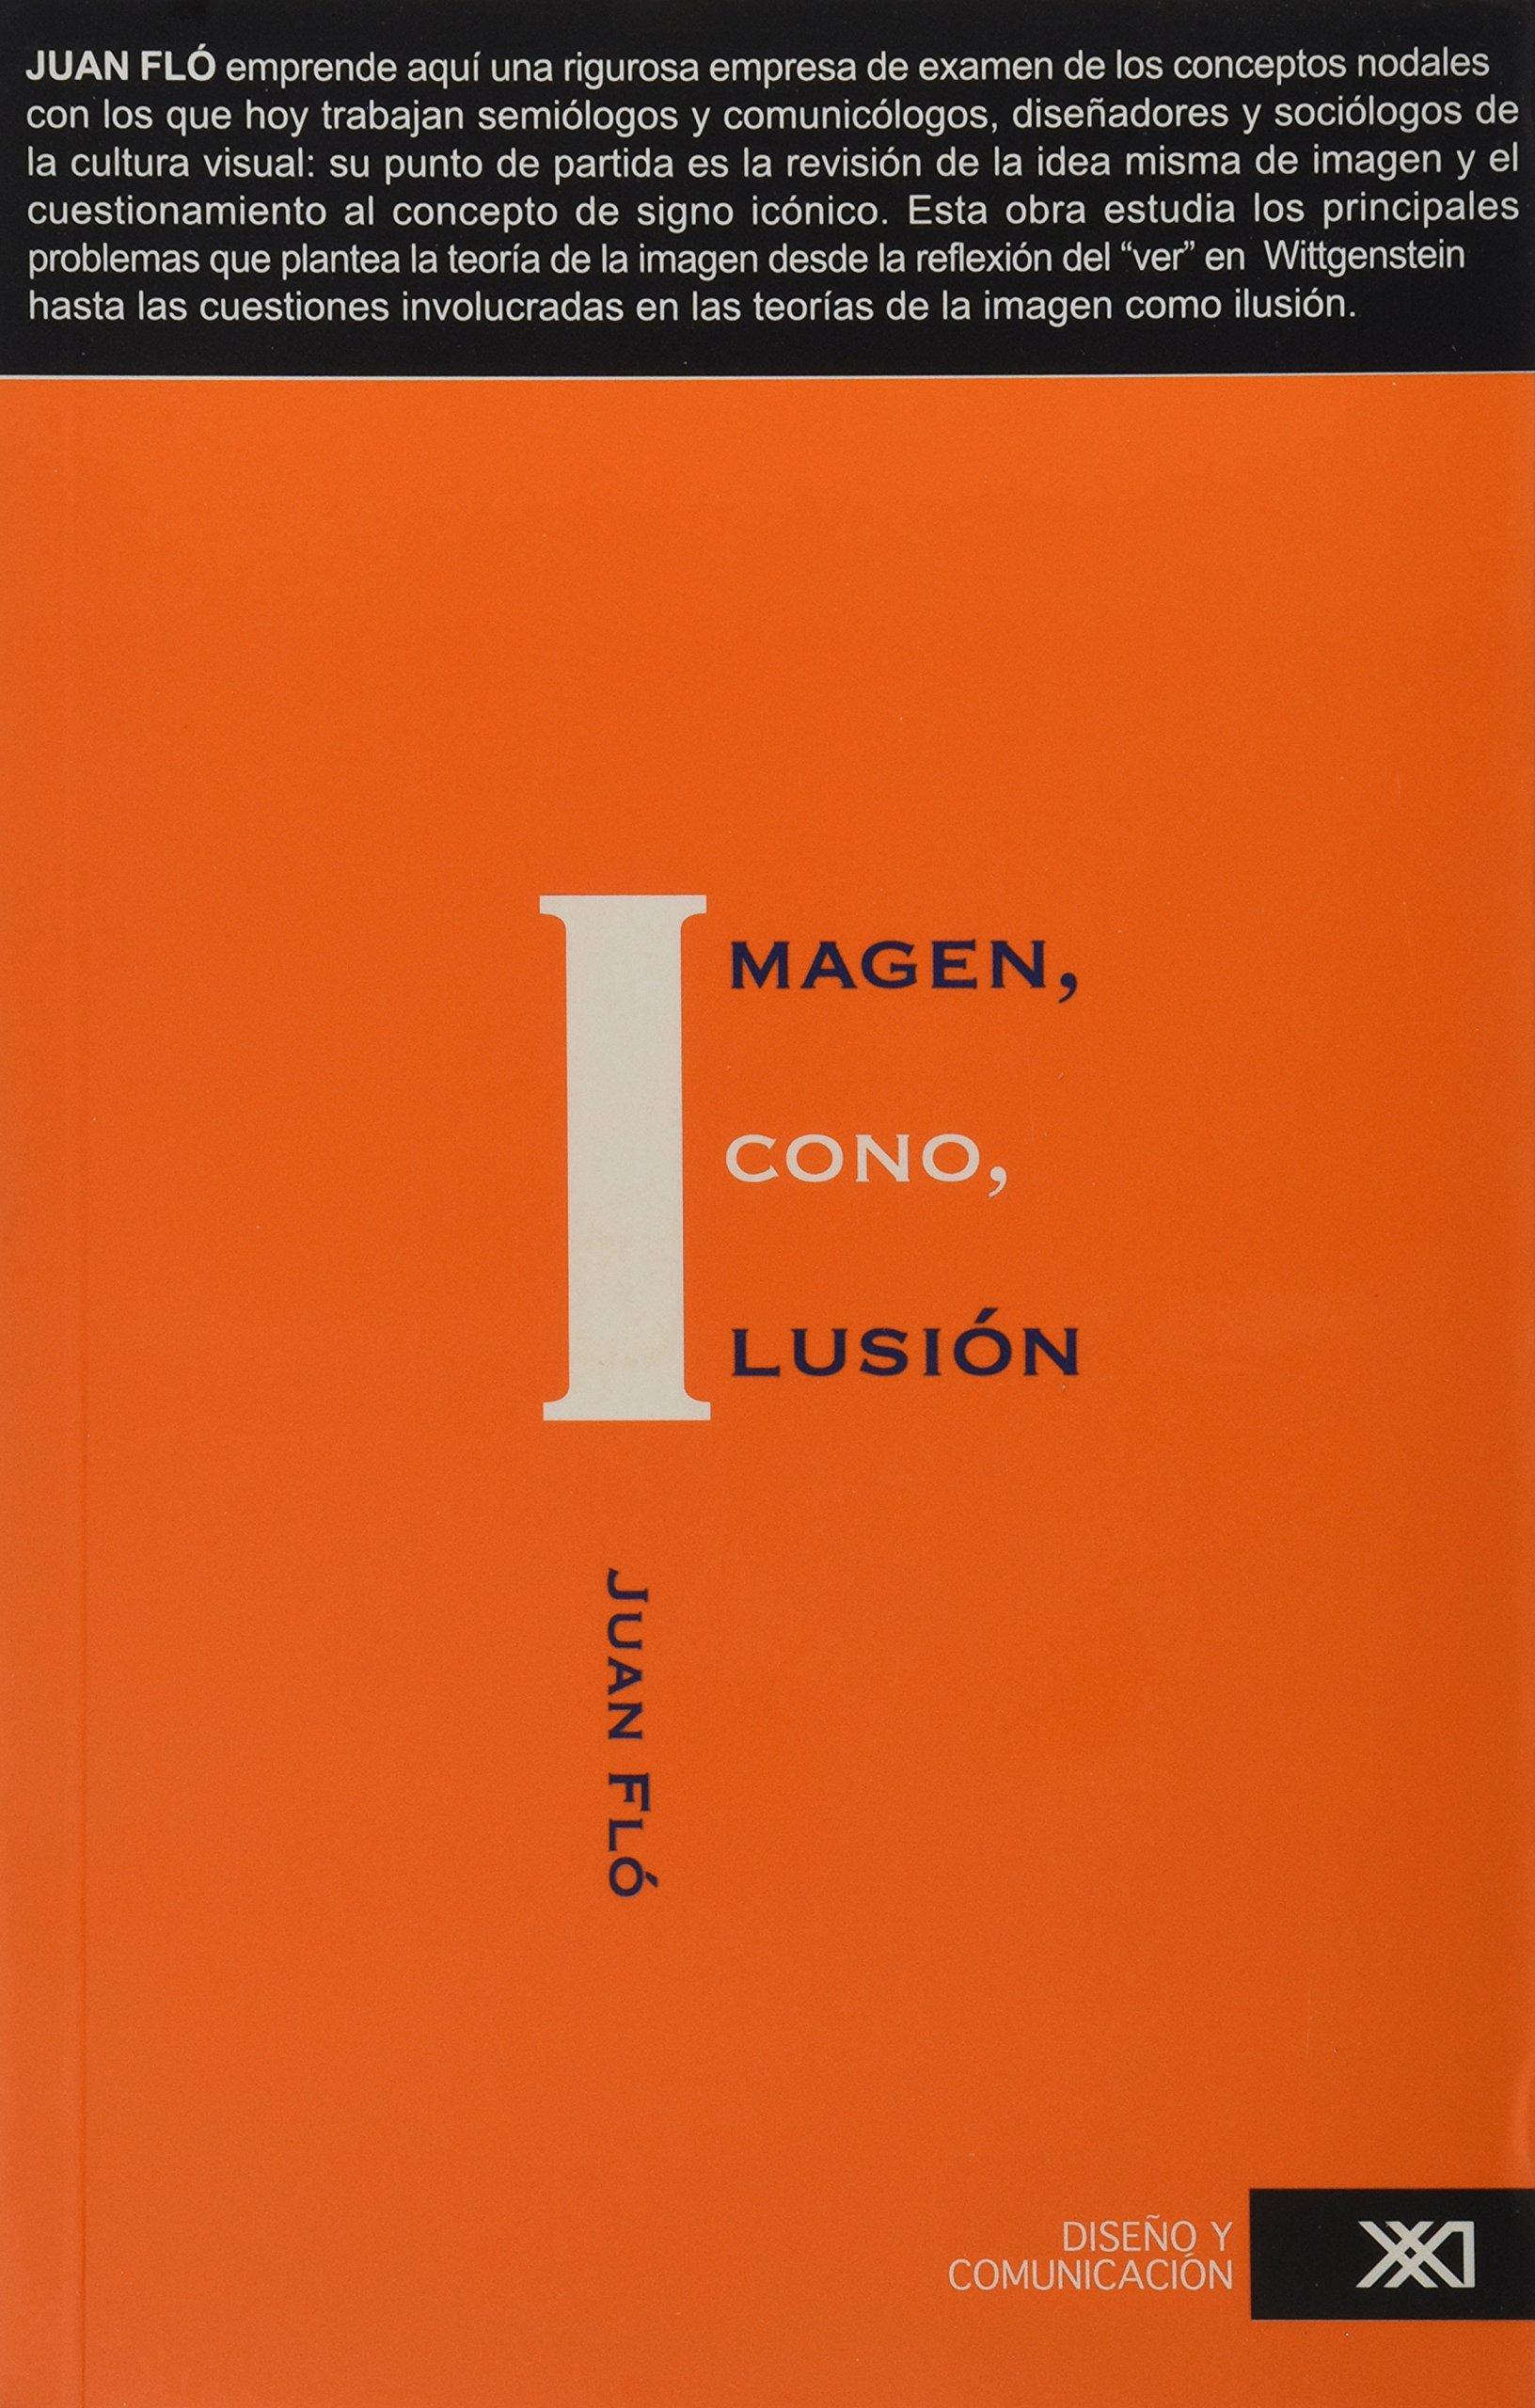 Imagen, Icono, Ilusión: Investigaciones sobre algunos problemas de la representación visual, explica las diferencias entre cada concepto visual.